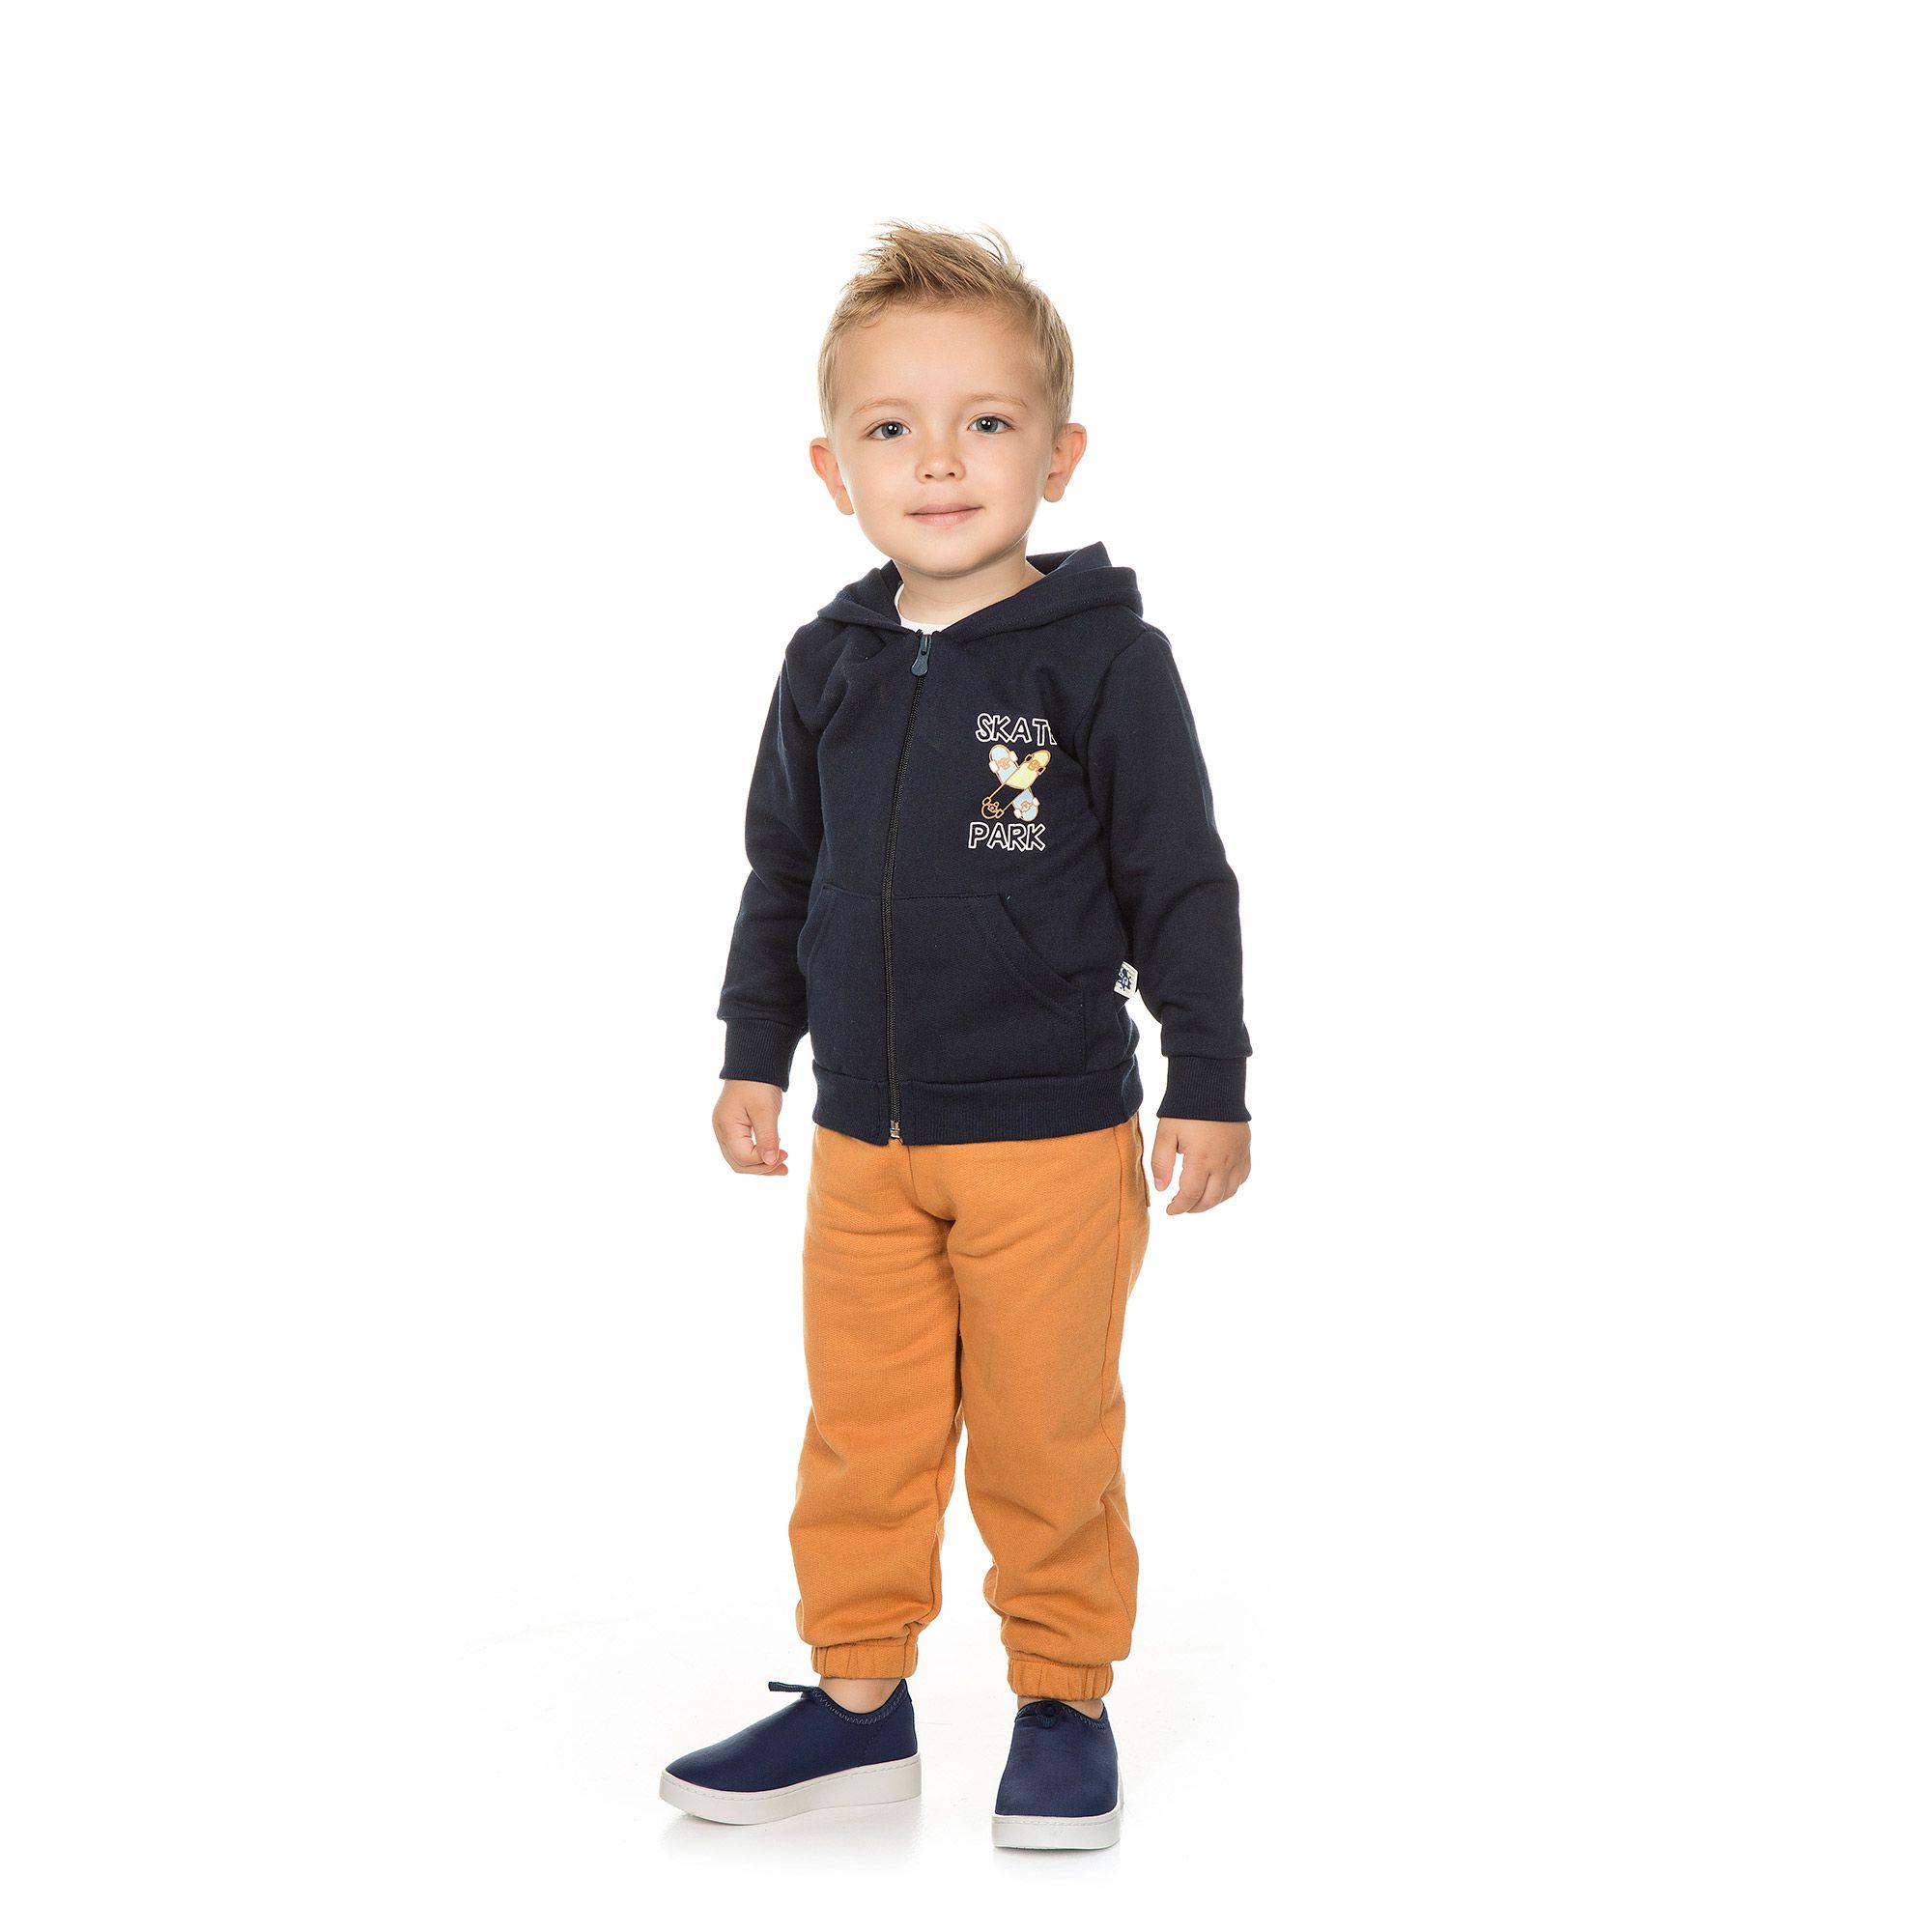 Conjunto Infantil   2 peças - Ref 4971 - Marinho